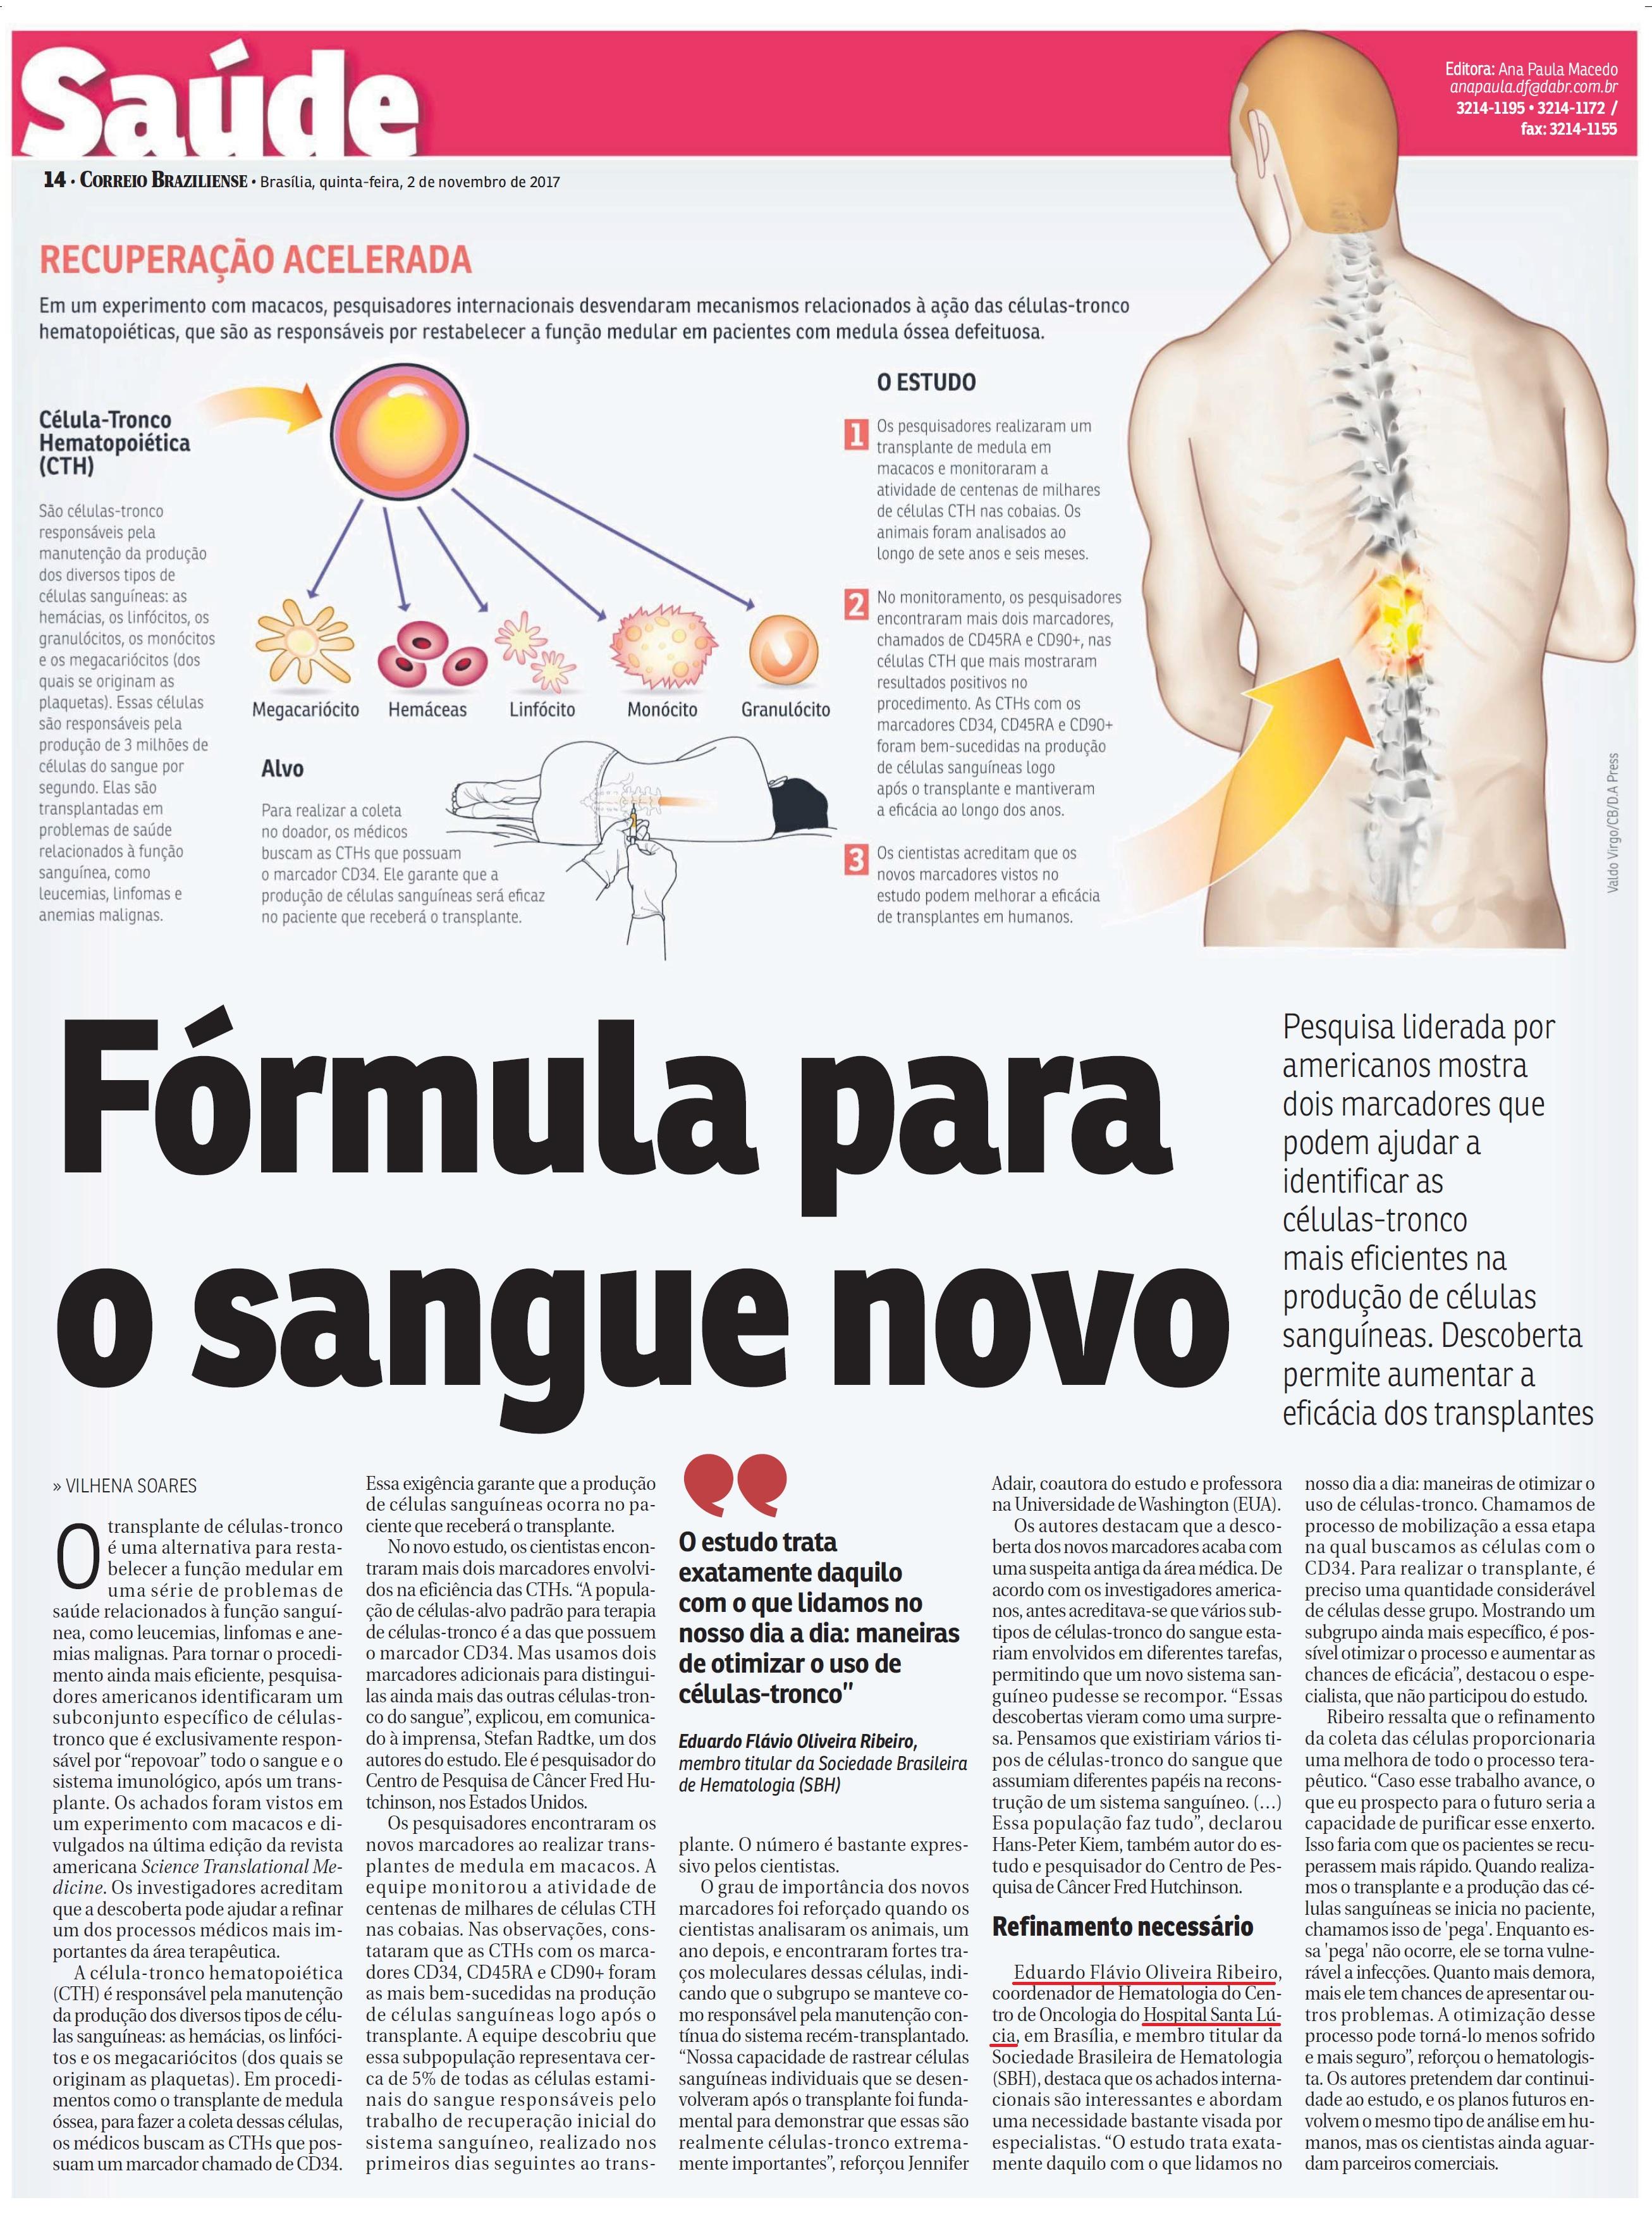 Correio Braziliense - Dr. Eduardo Flávio Ribeiro HSL - 02-11-2017